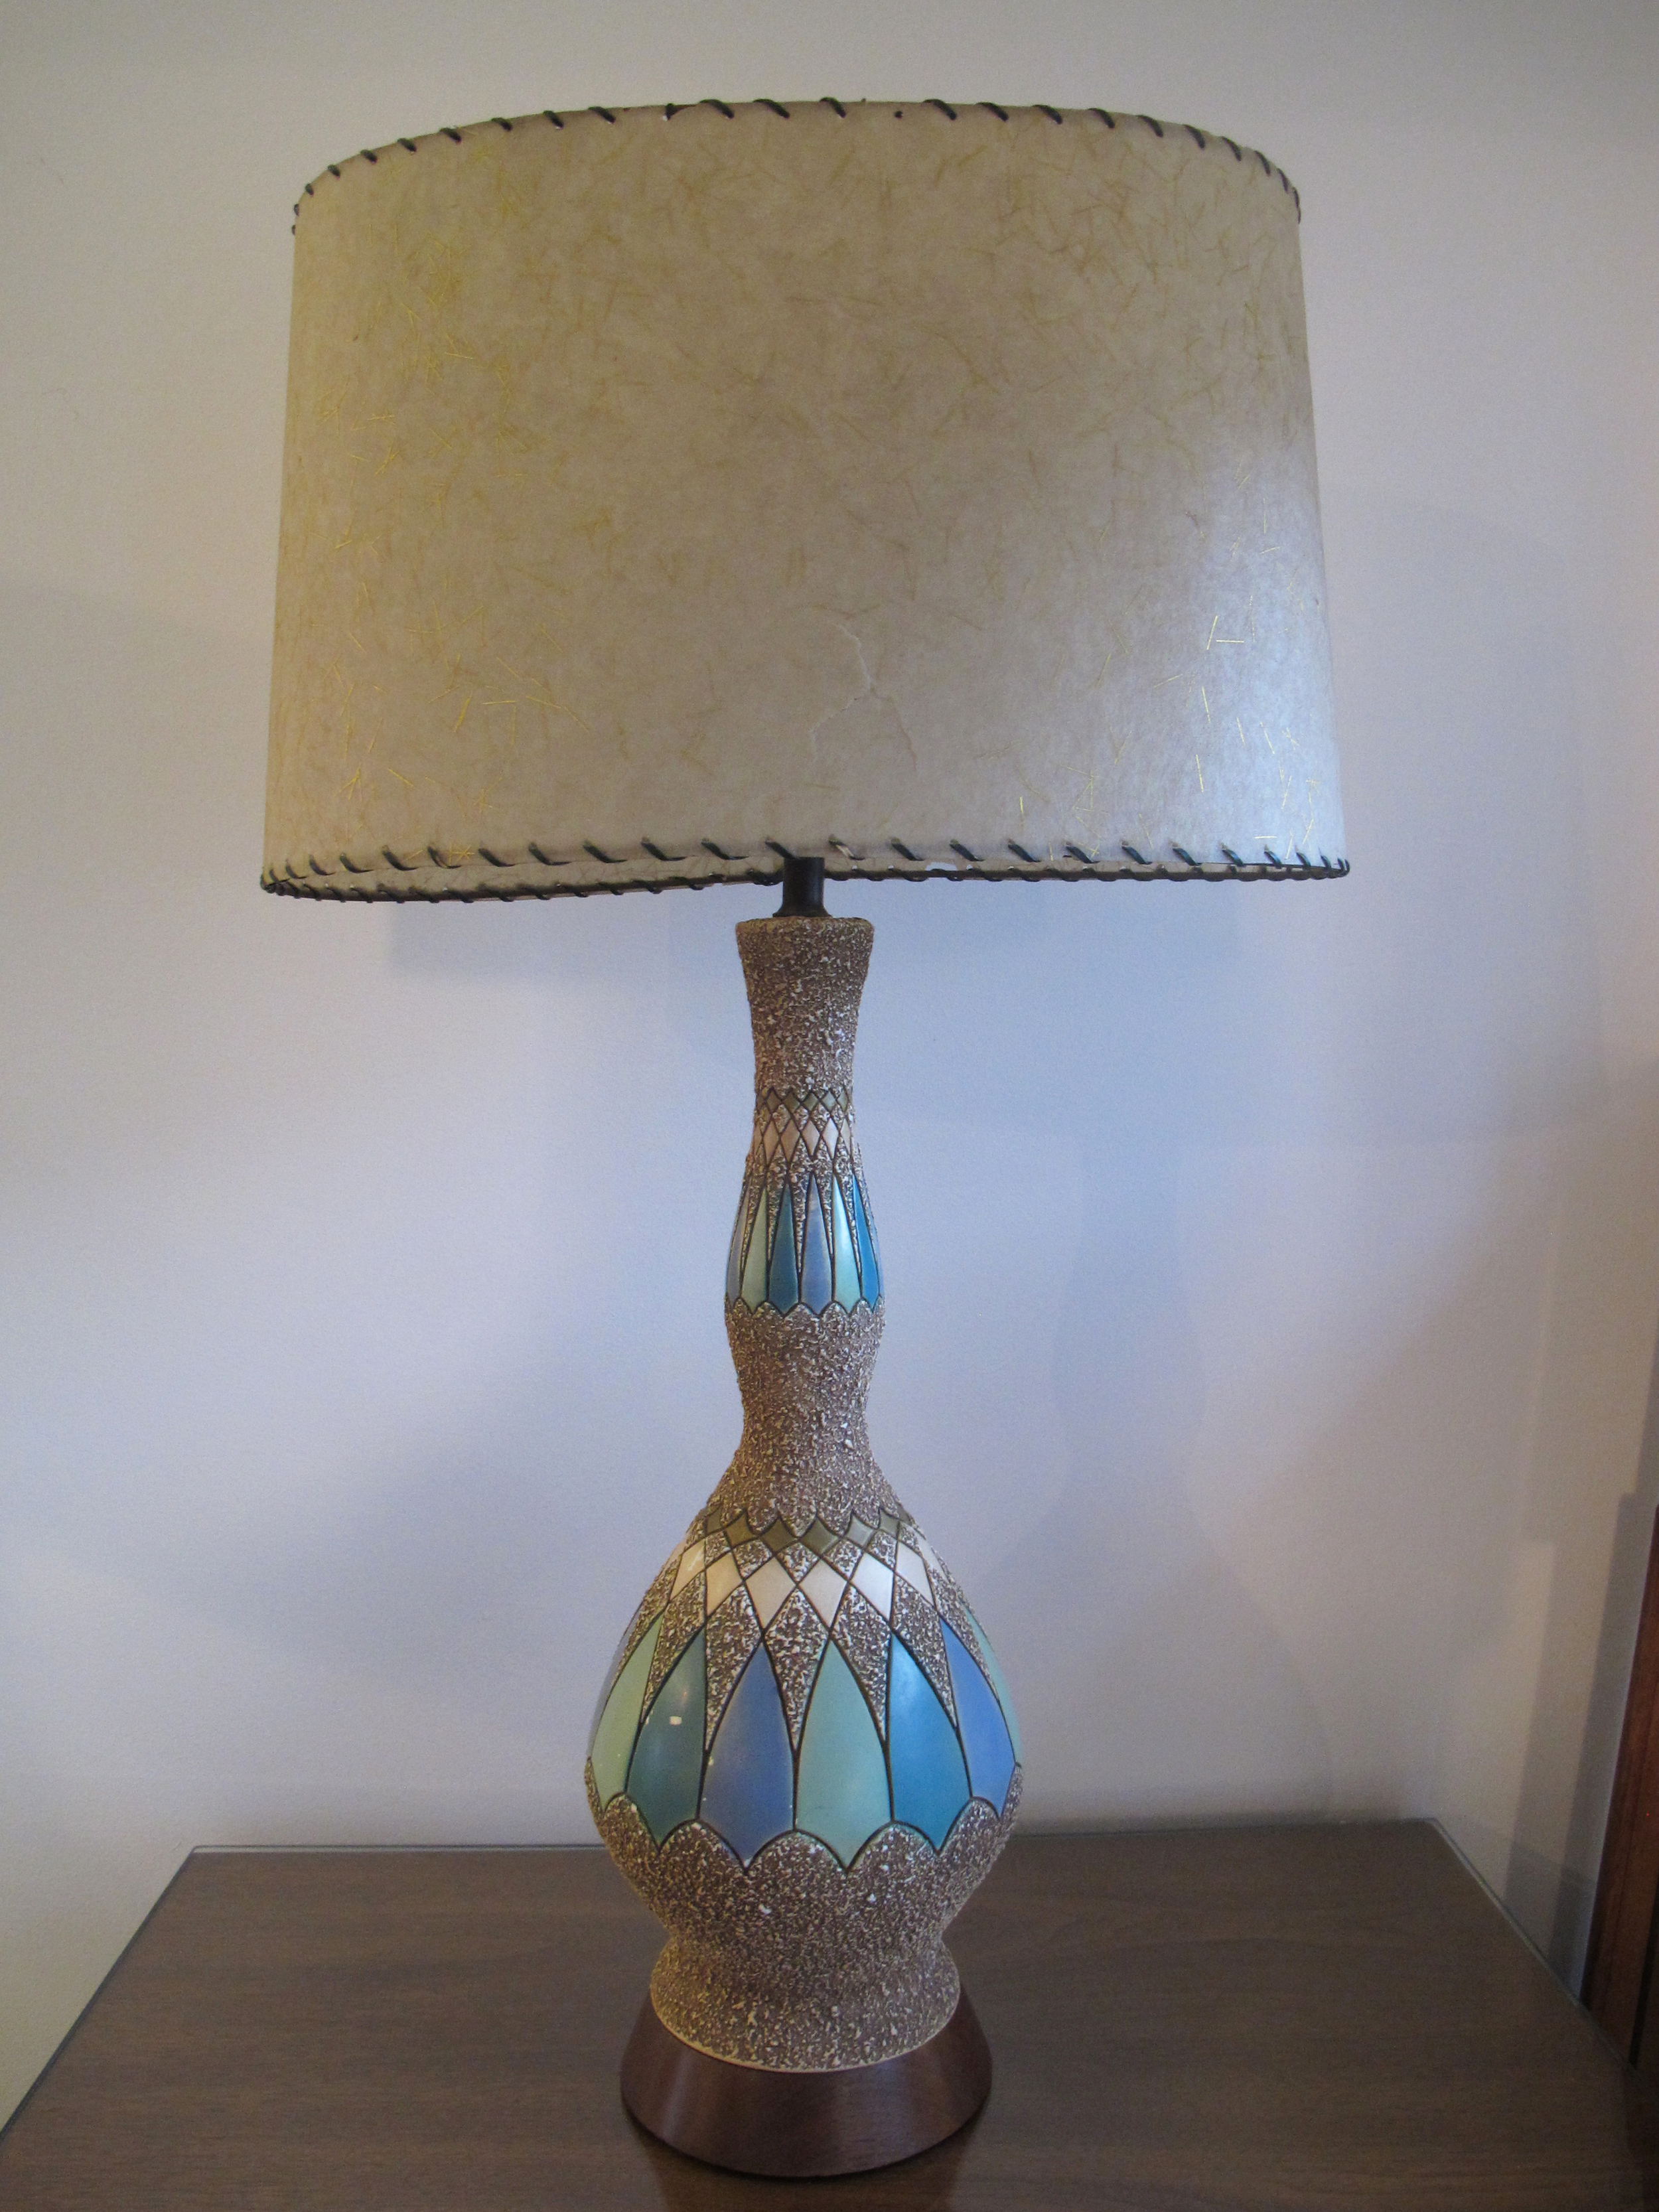 DANISH STYLE CERAMIC LAMP WITH FIBERGLASS SHADE